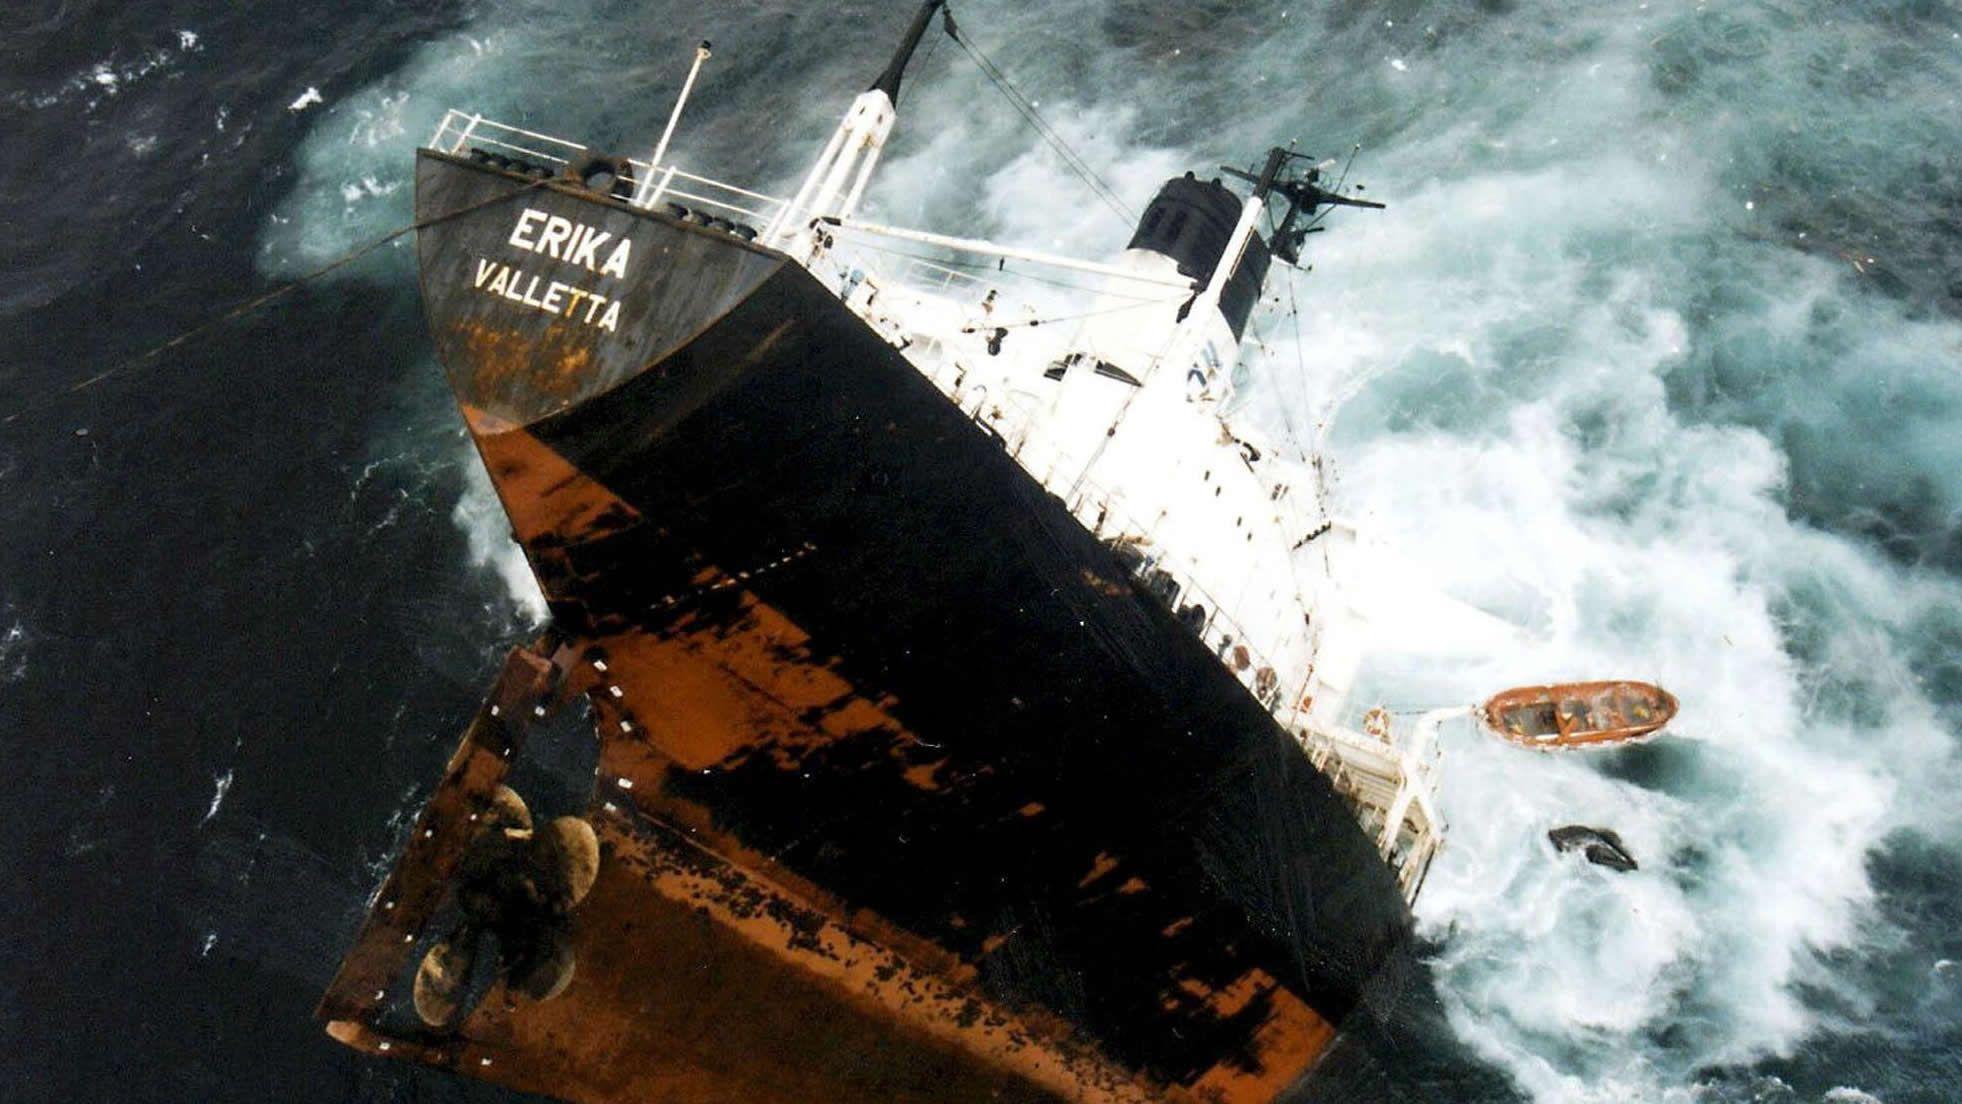 El caso del Prestige es muy similar al ocurrido en 1999 con el Erika en las costas francesas